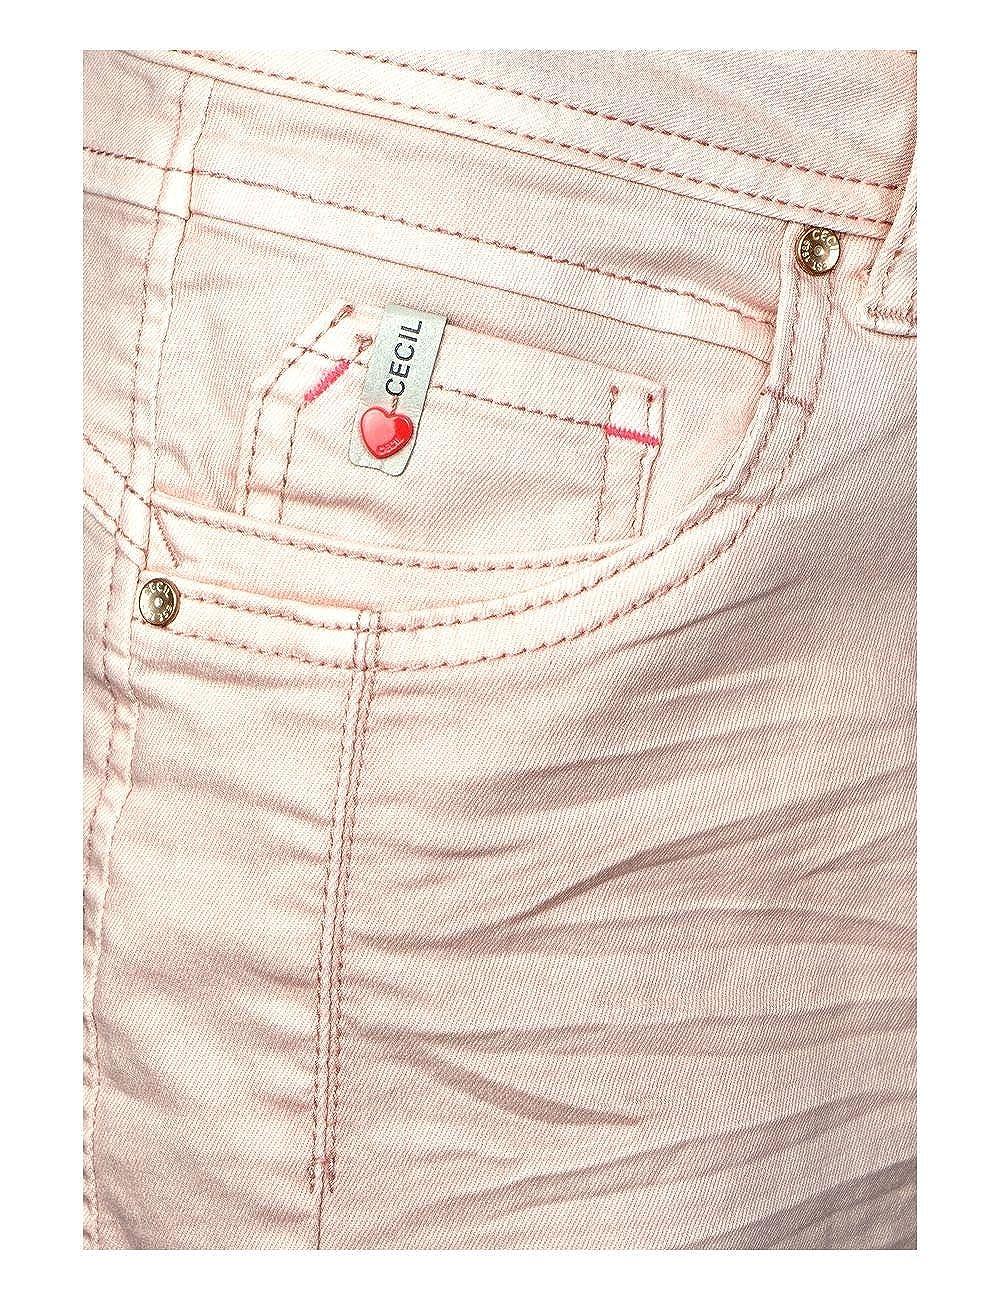 Jupe Cecil Et Cecil Cecil FemmeVêtements Accessoires Jupe Et Jupe FemmeVêtements FemmeVêtements Accessoires KJFcl1